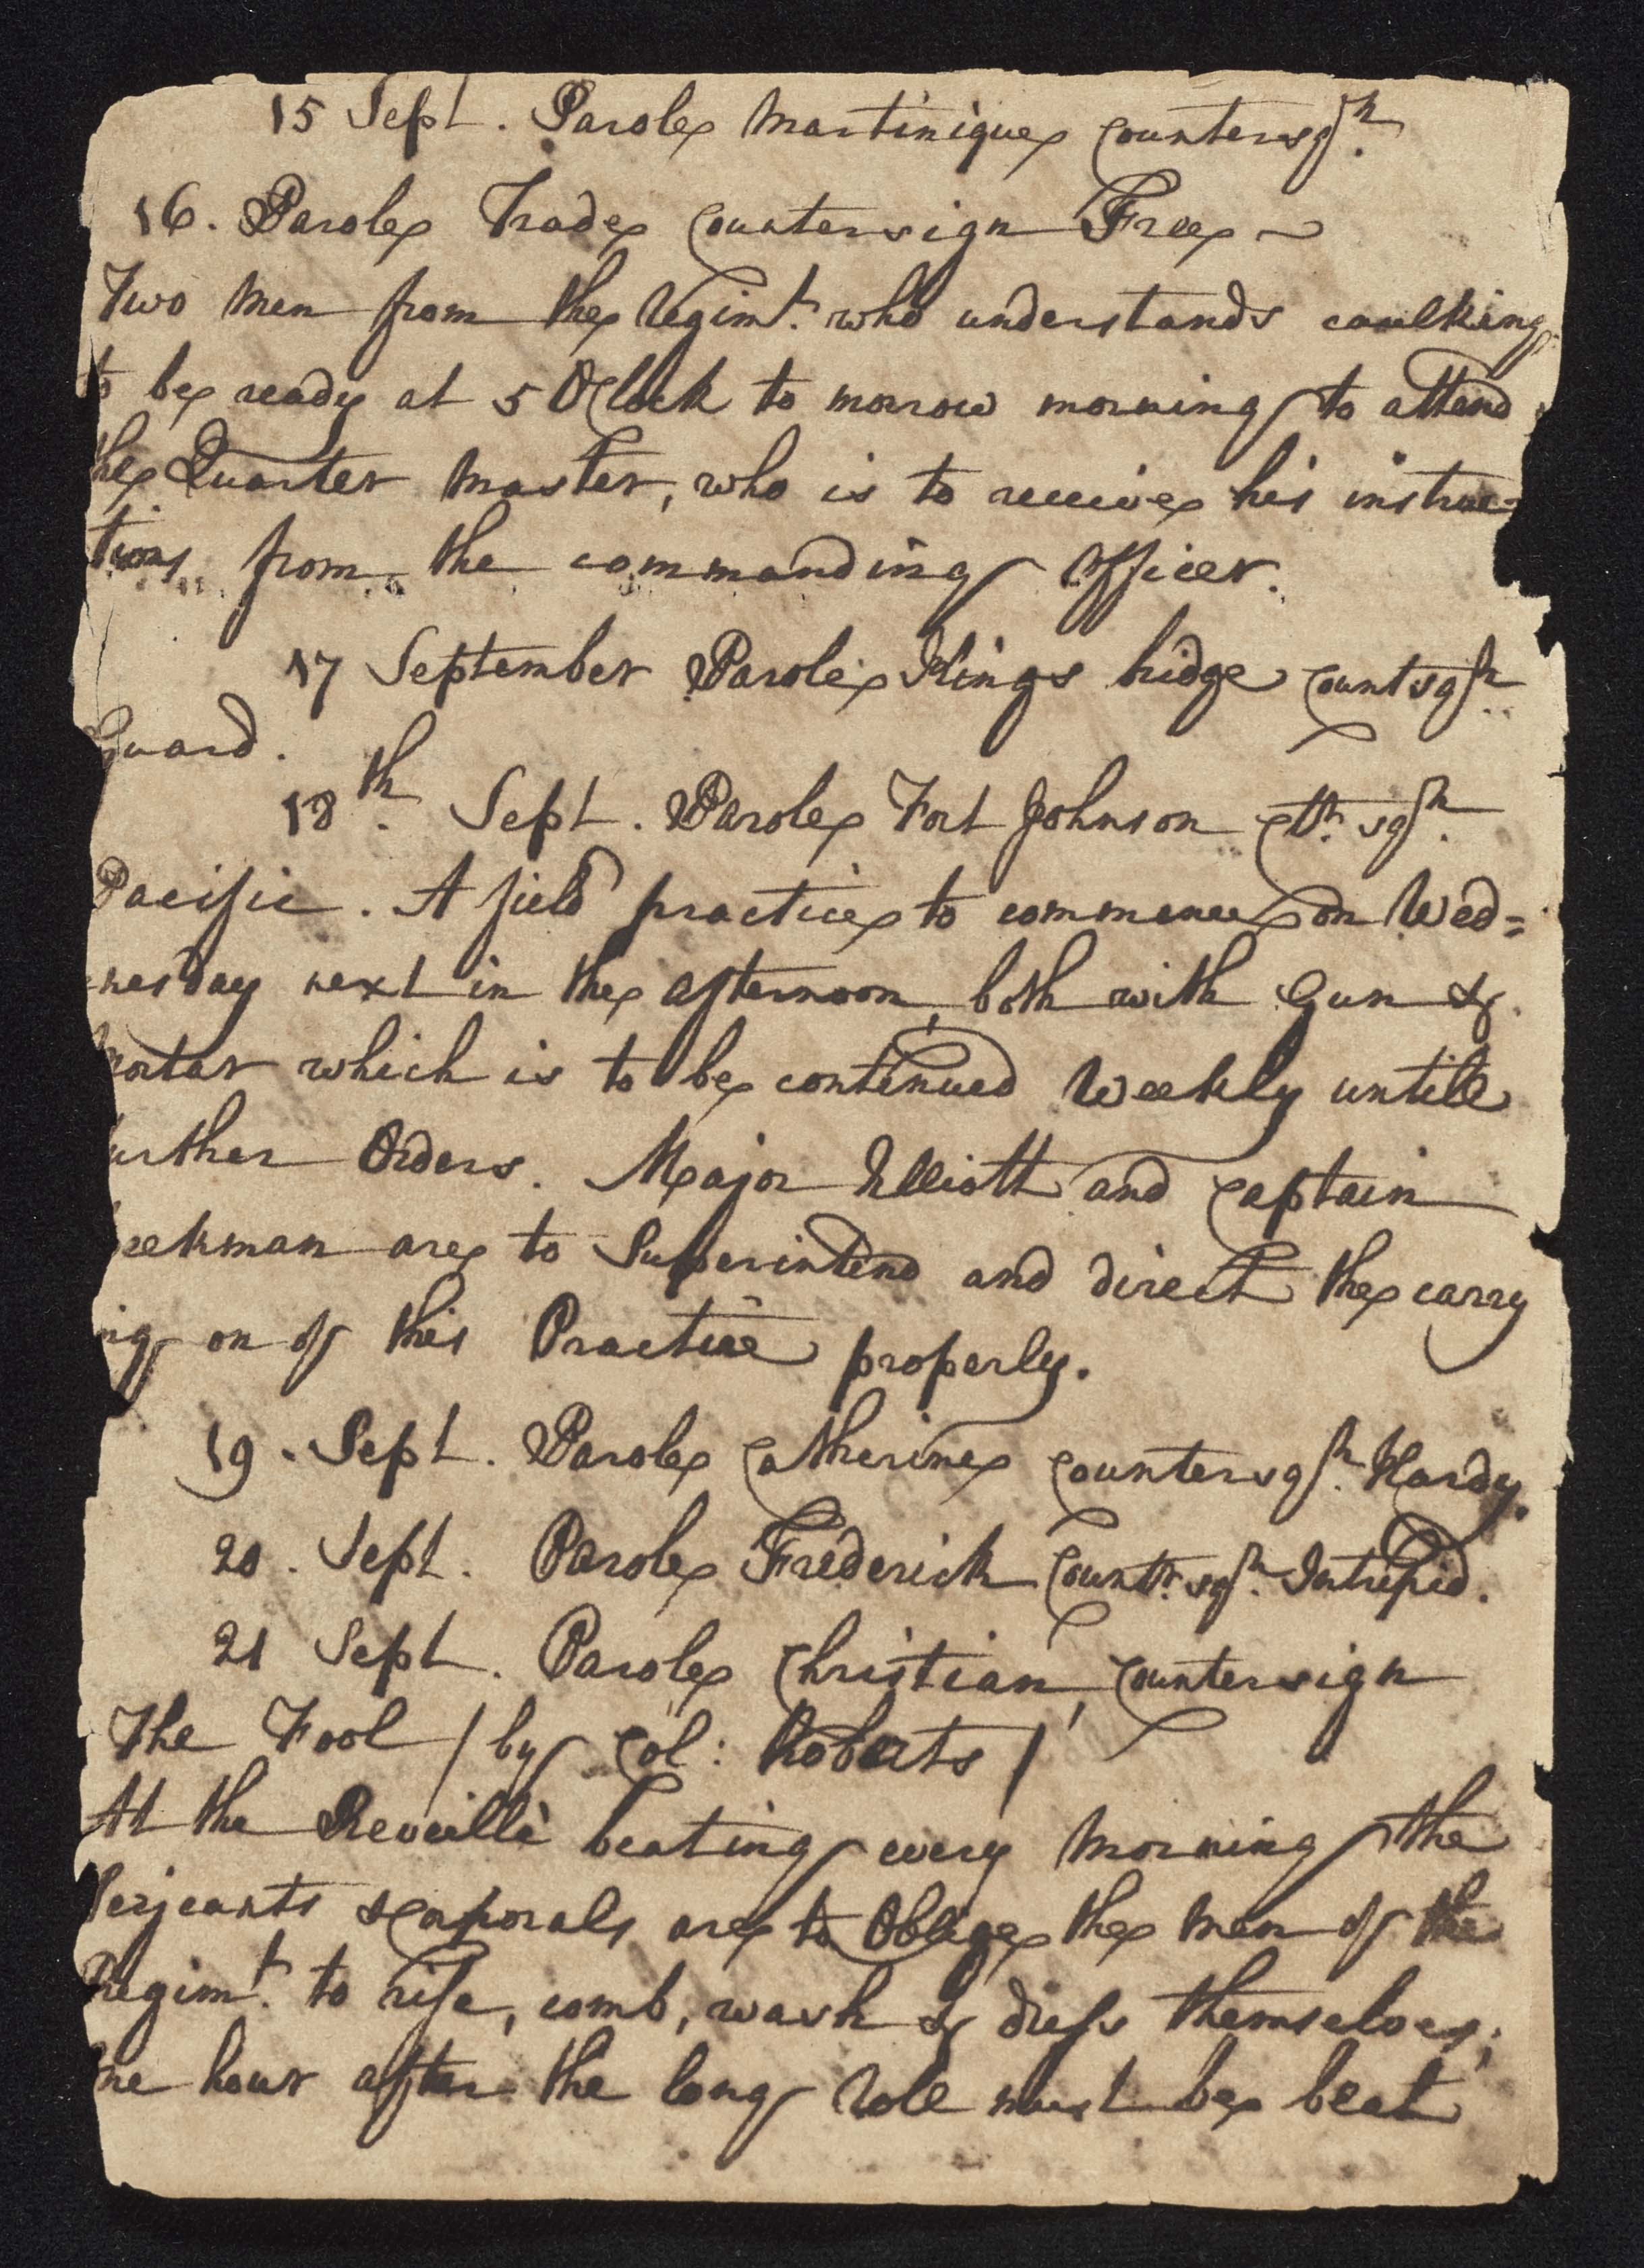 South Carolina Regiment Order Book, Page 178